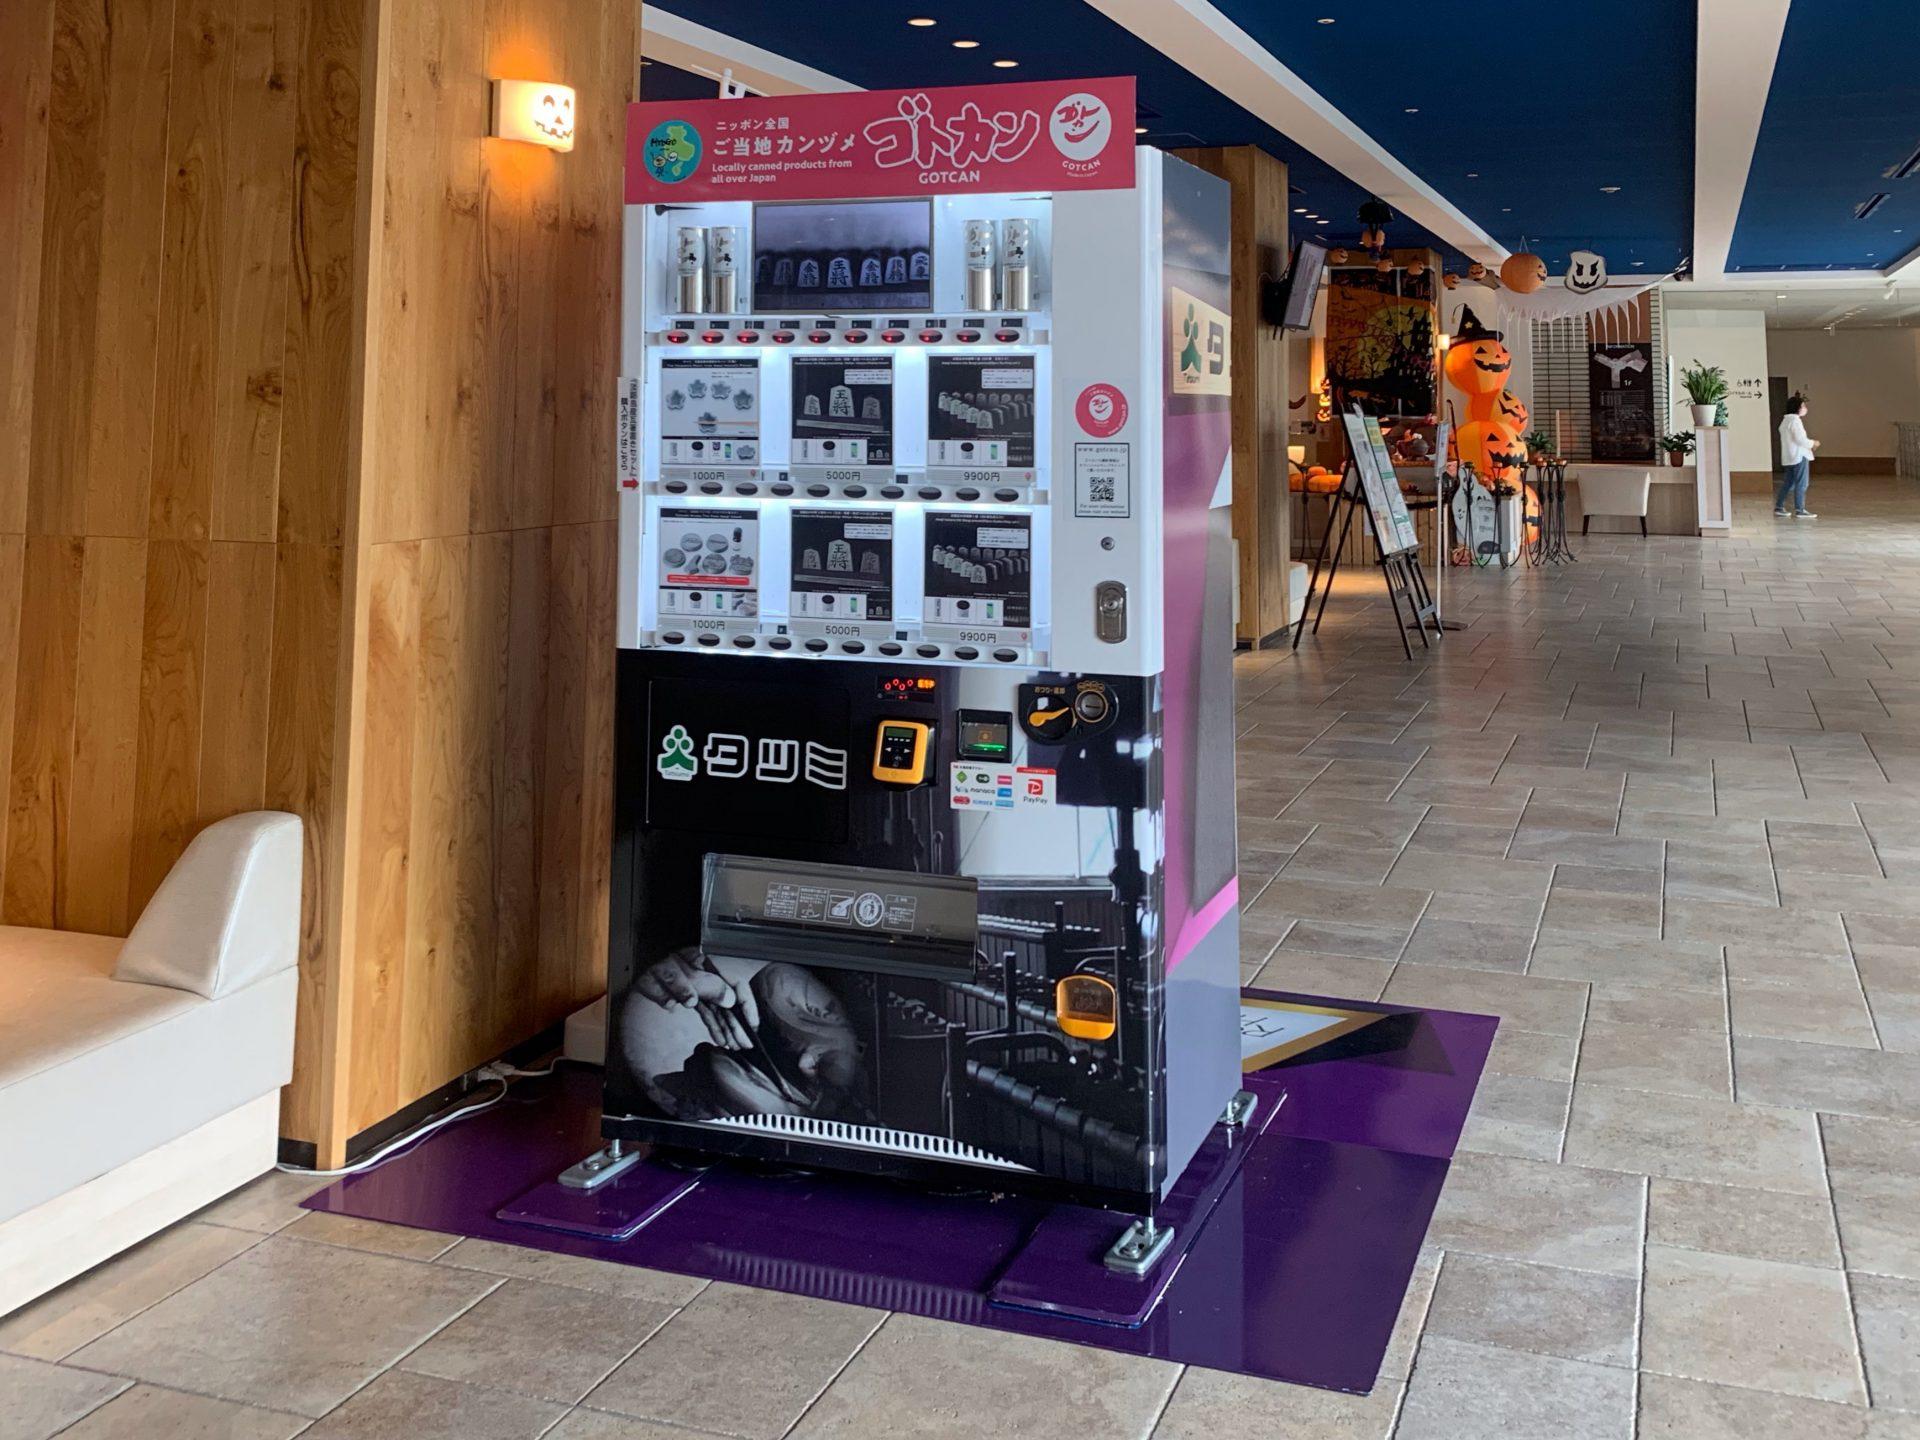 日本三大瓦の淡路瓦とのコラボ自販機